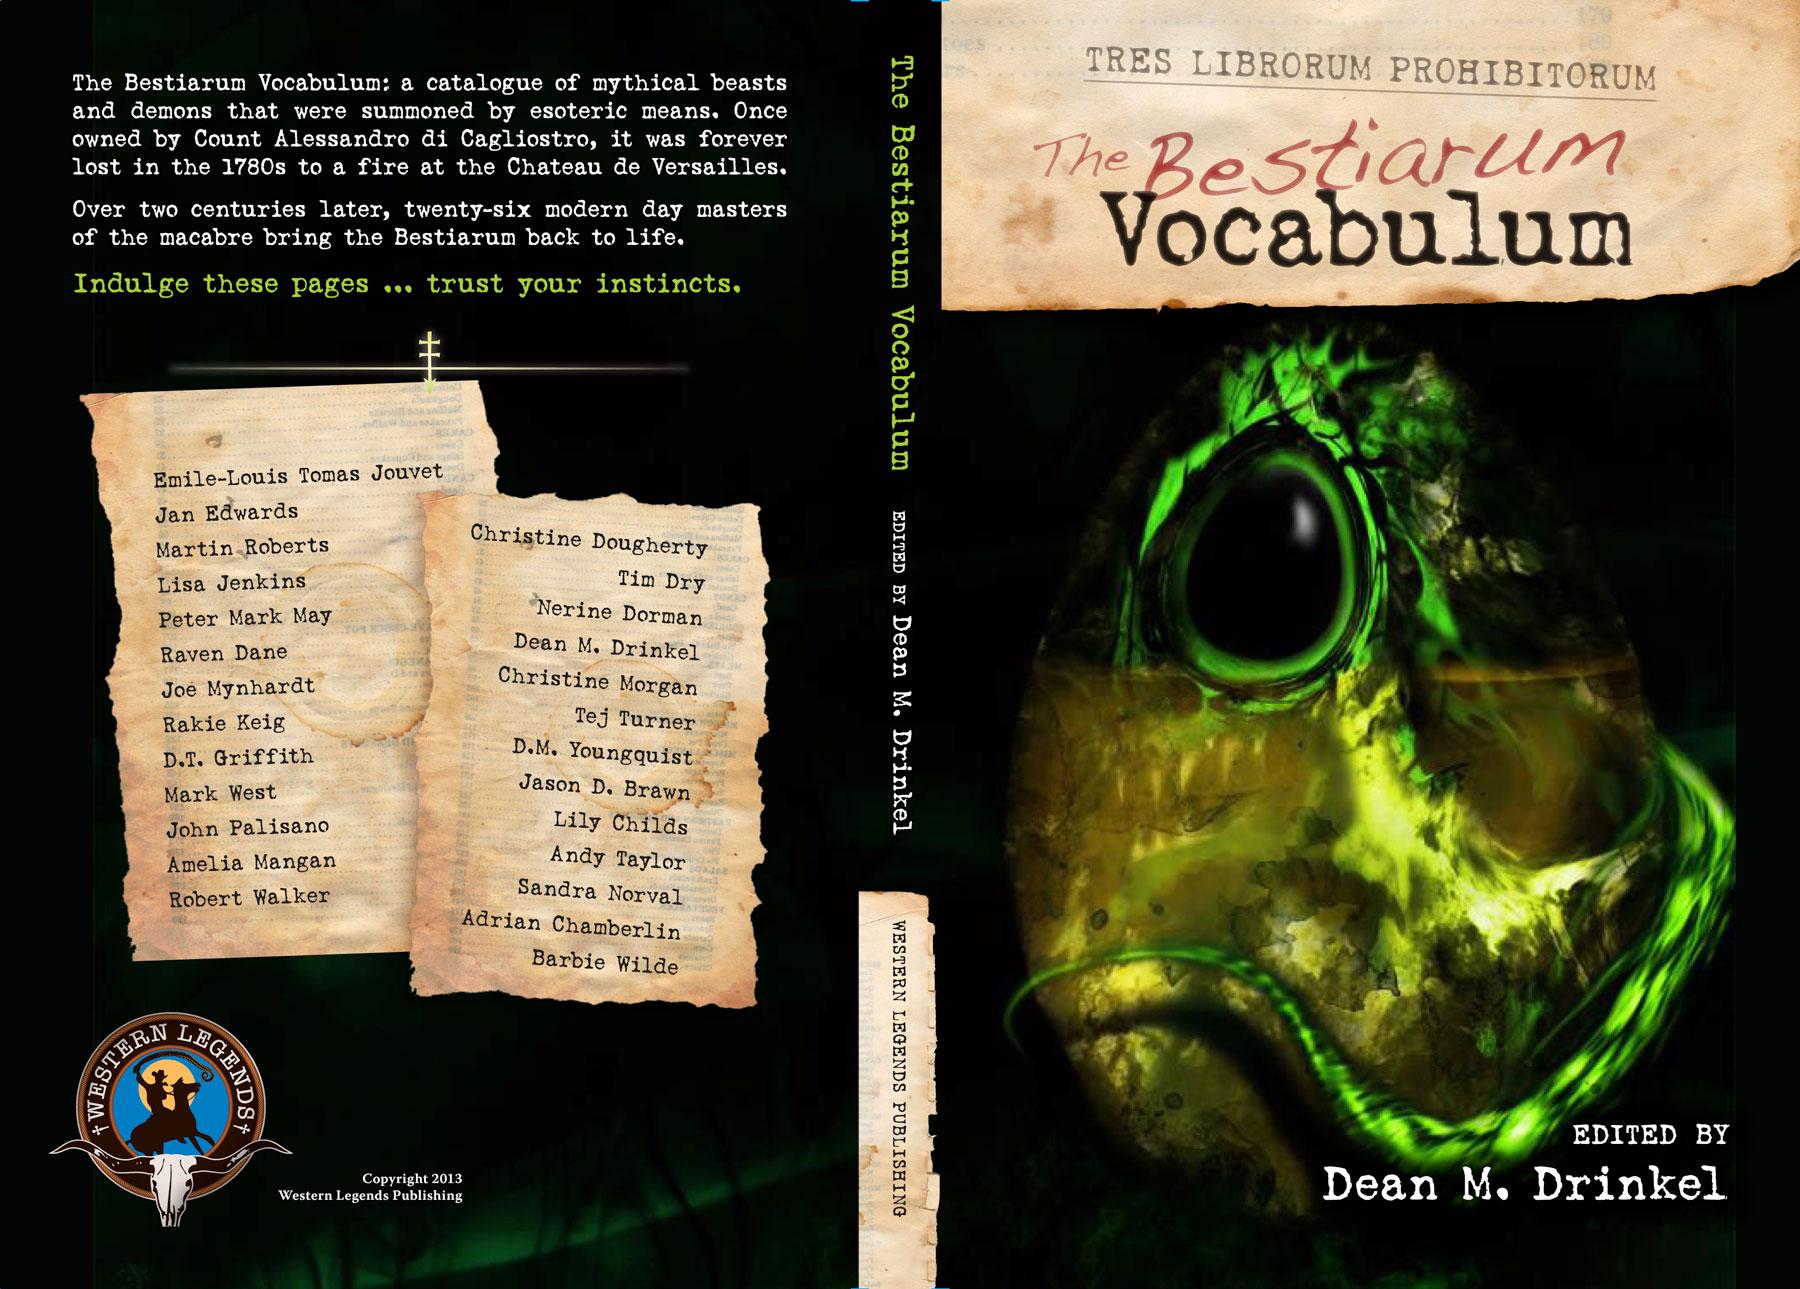 The Bestiarum Vocabulum - cover spread